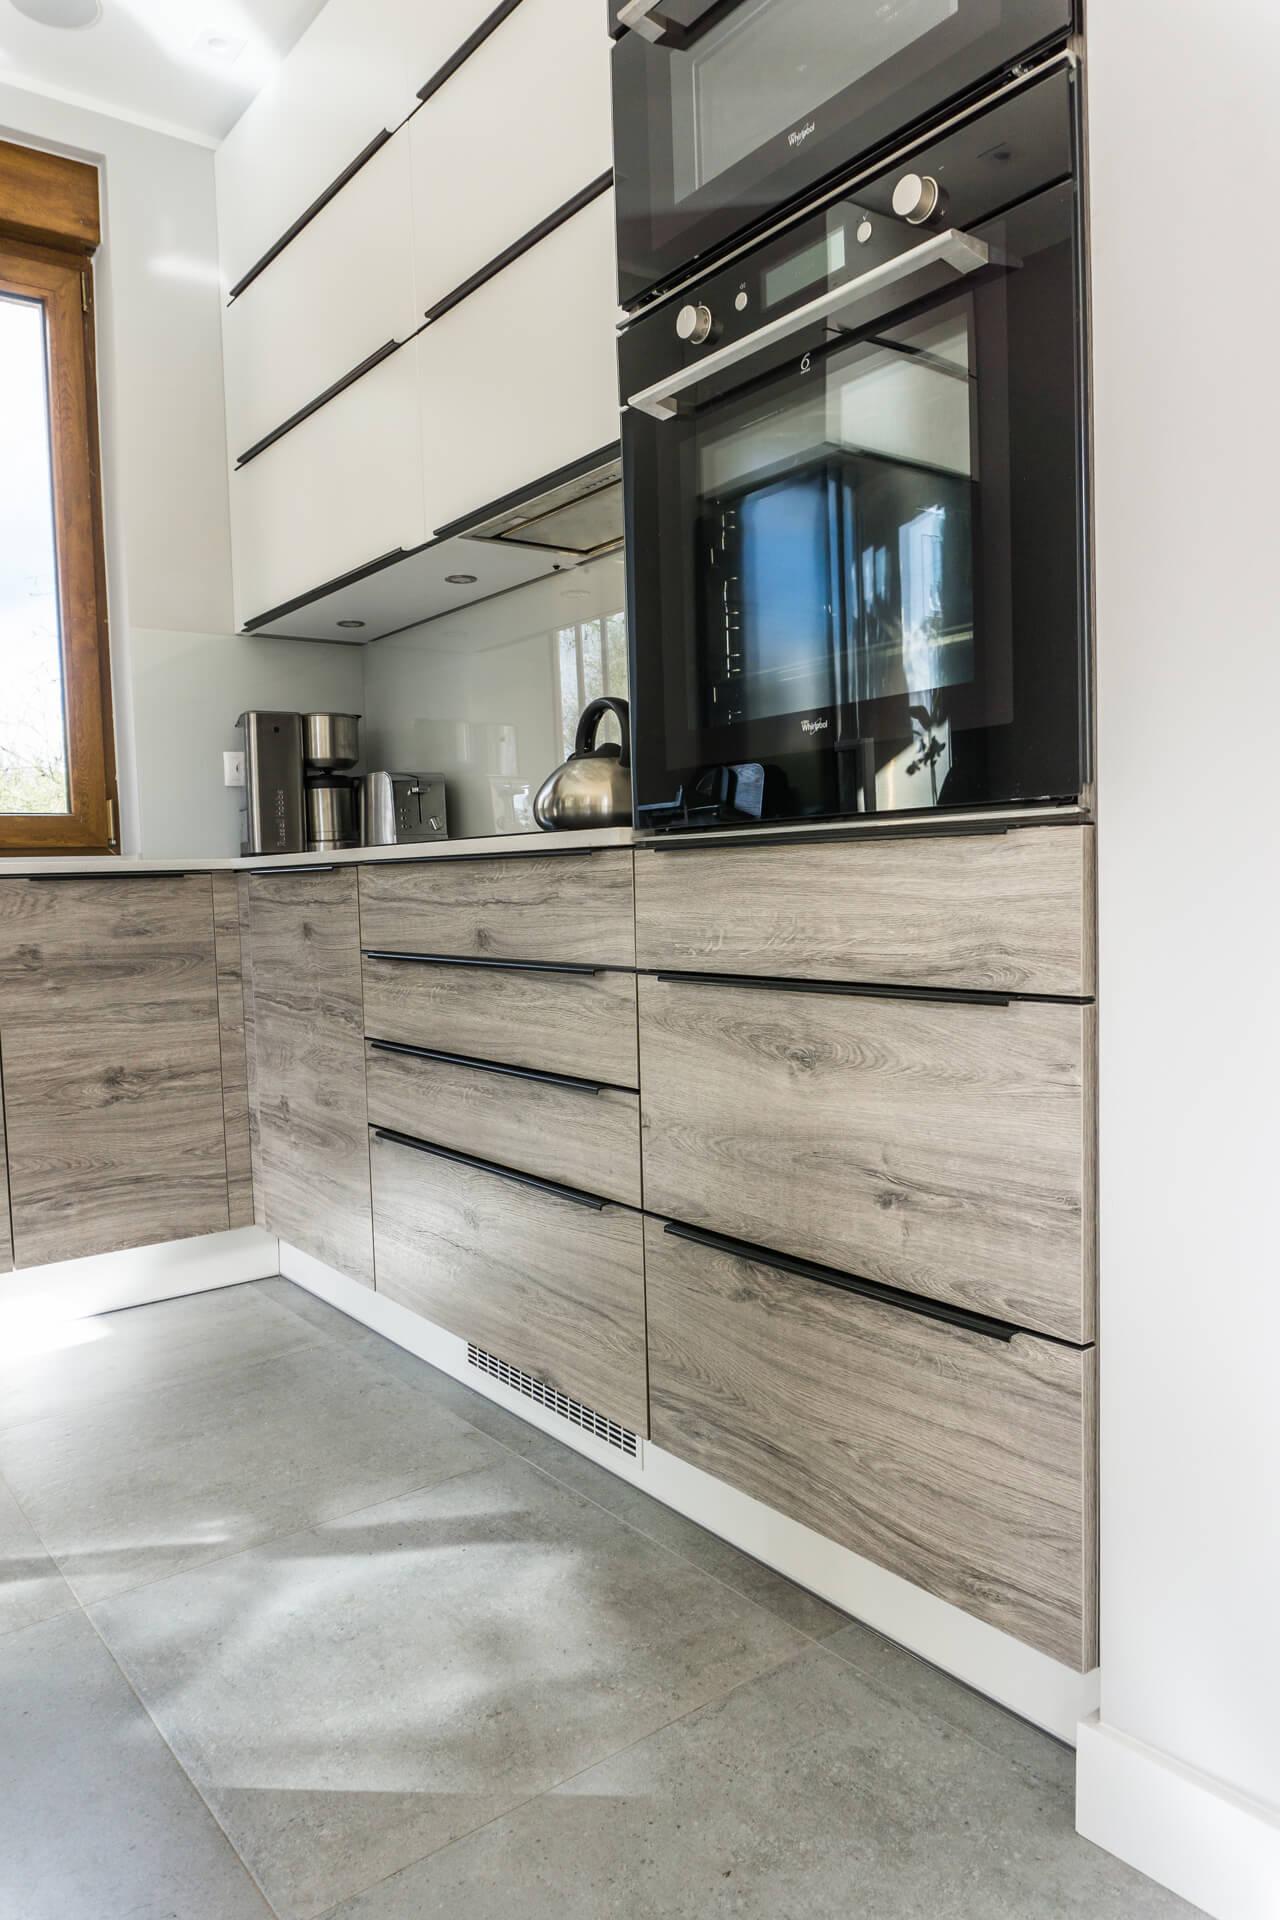 Zabudowa kuchenna w domu jednorodzinnym w Bydgoszczy